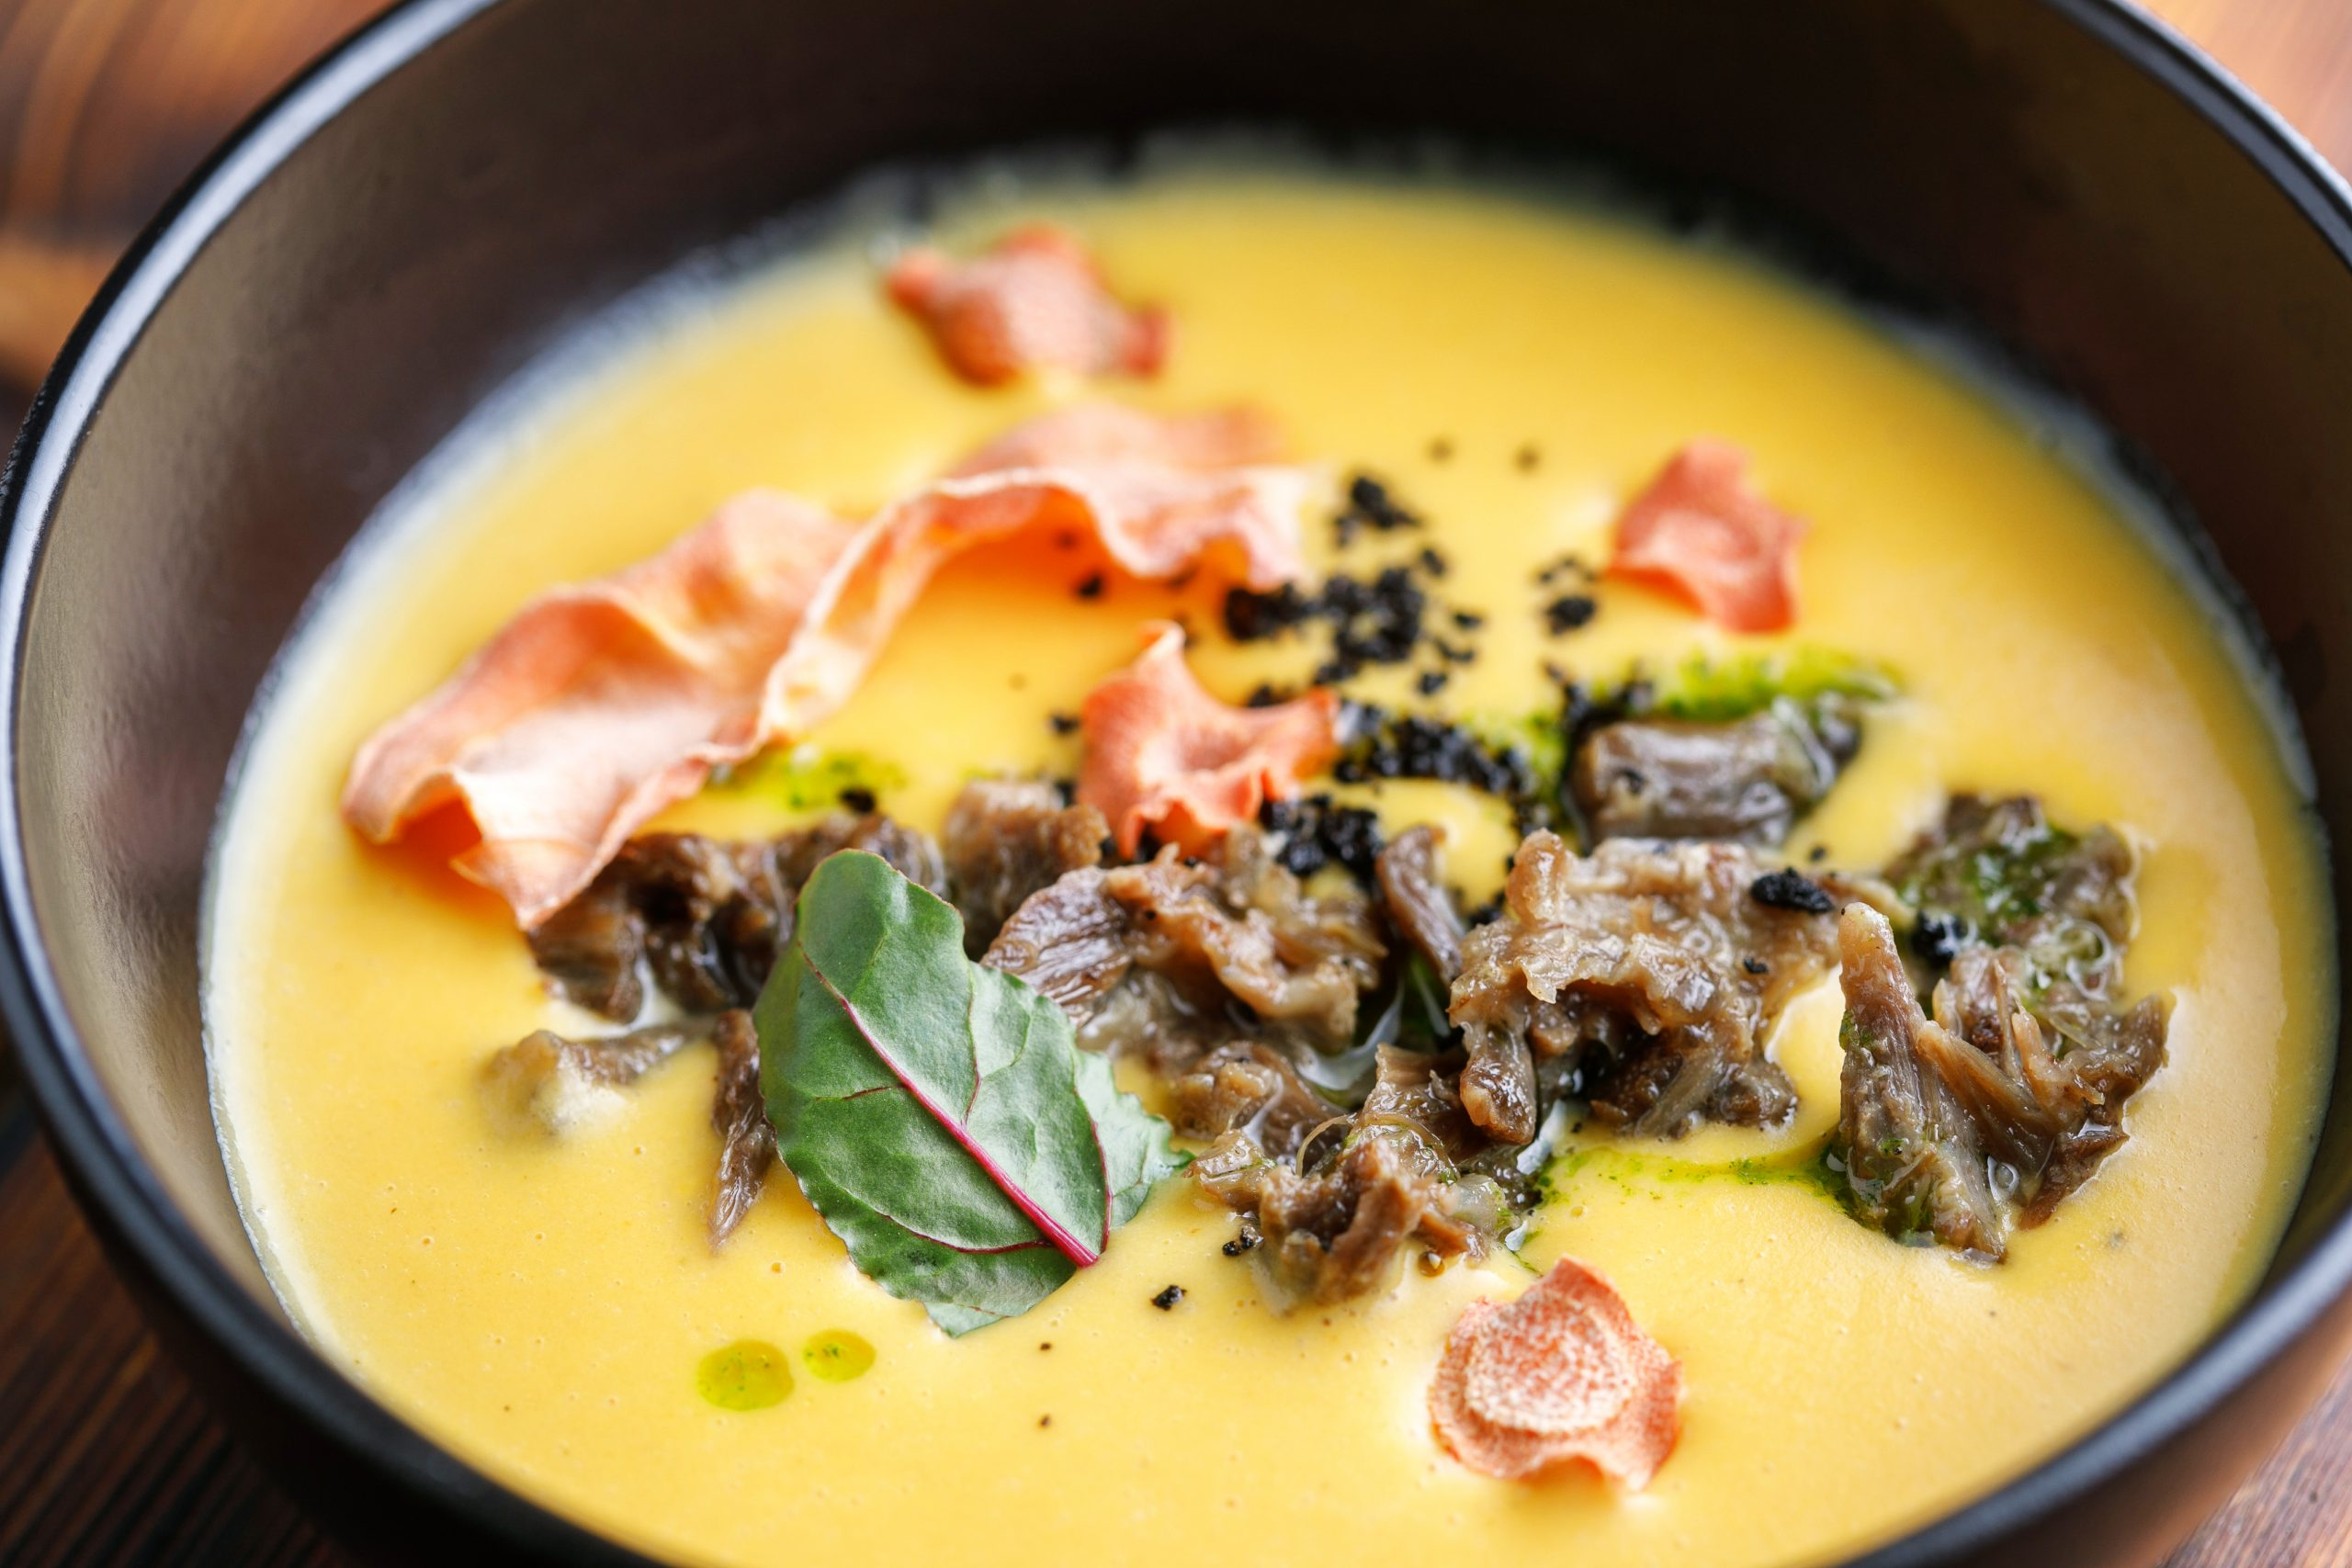 Крем-суп из печеных корнеплодов с томлёным мясом и нитромуссом блю